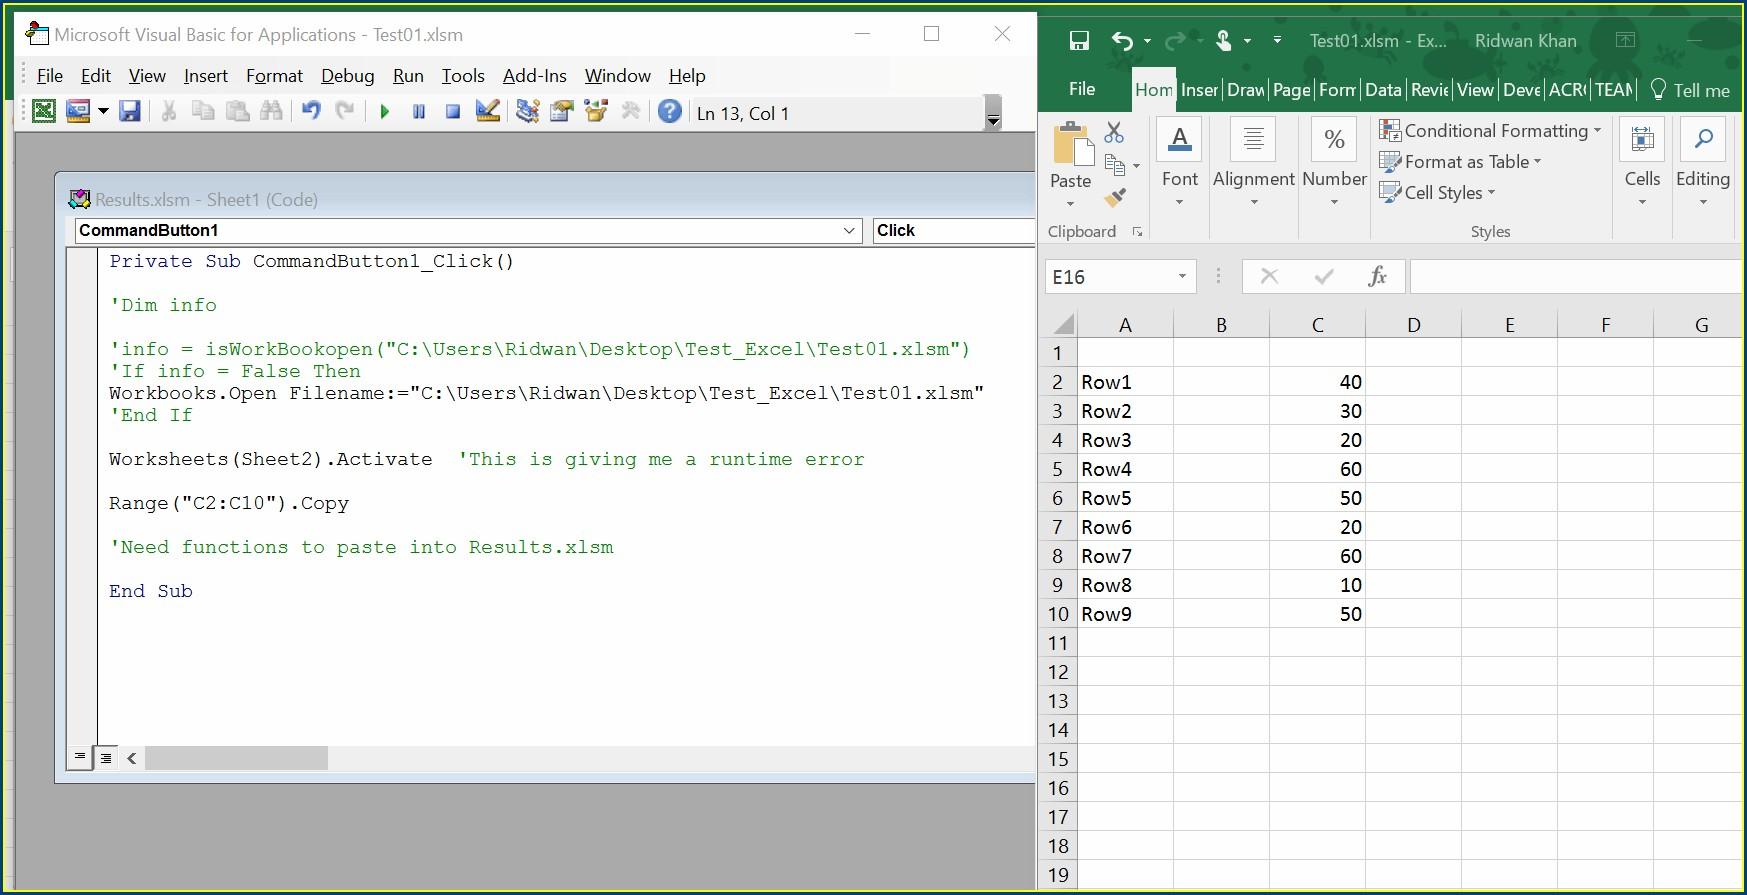 Excel Vba Copy Worksheet Into New Workbook Worksheet